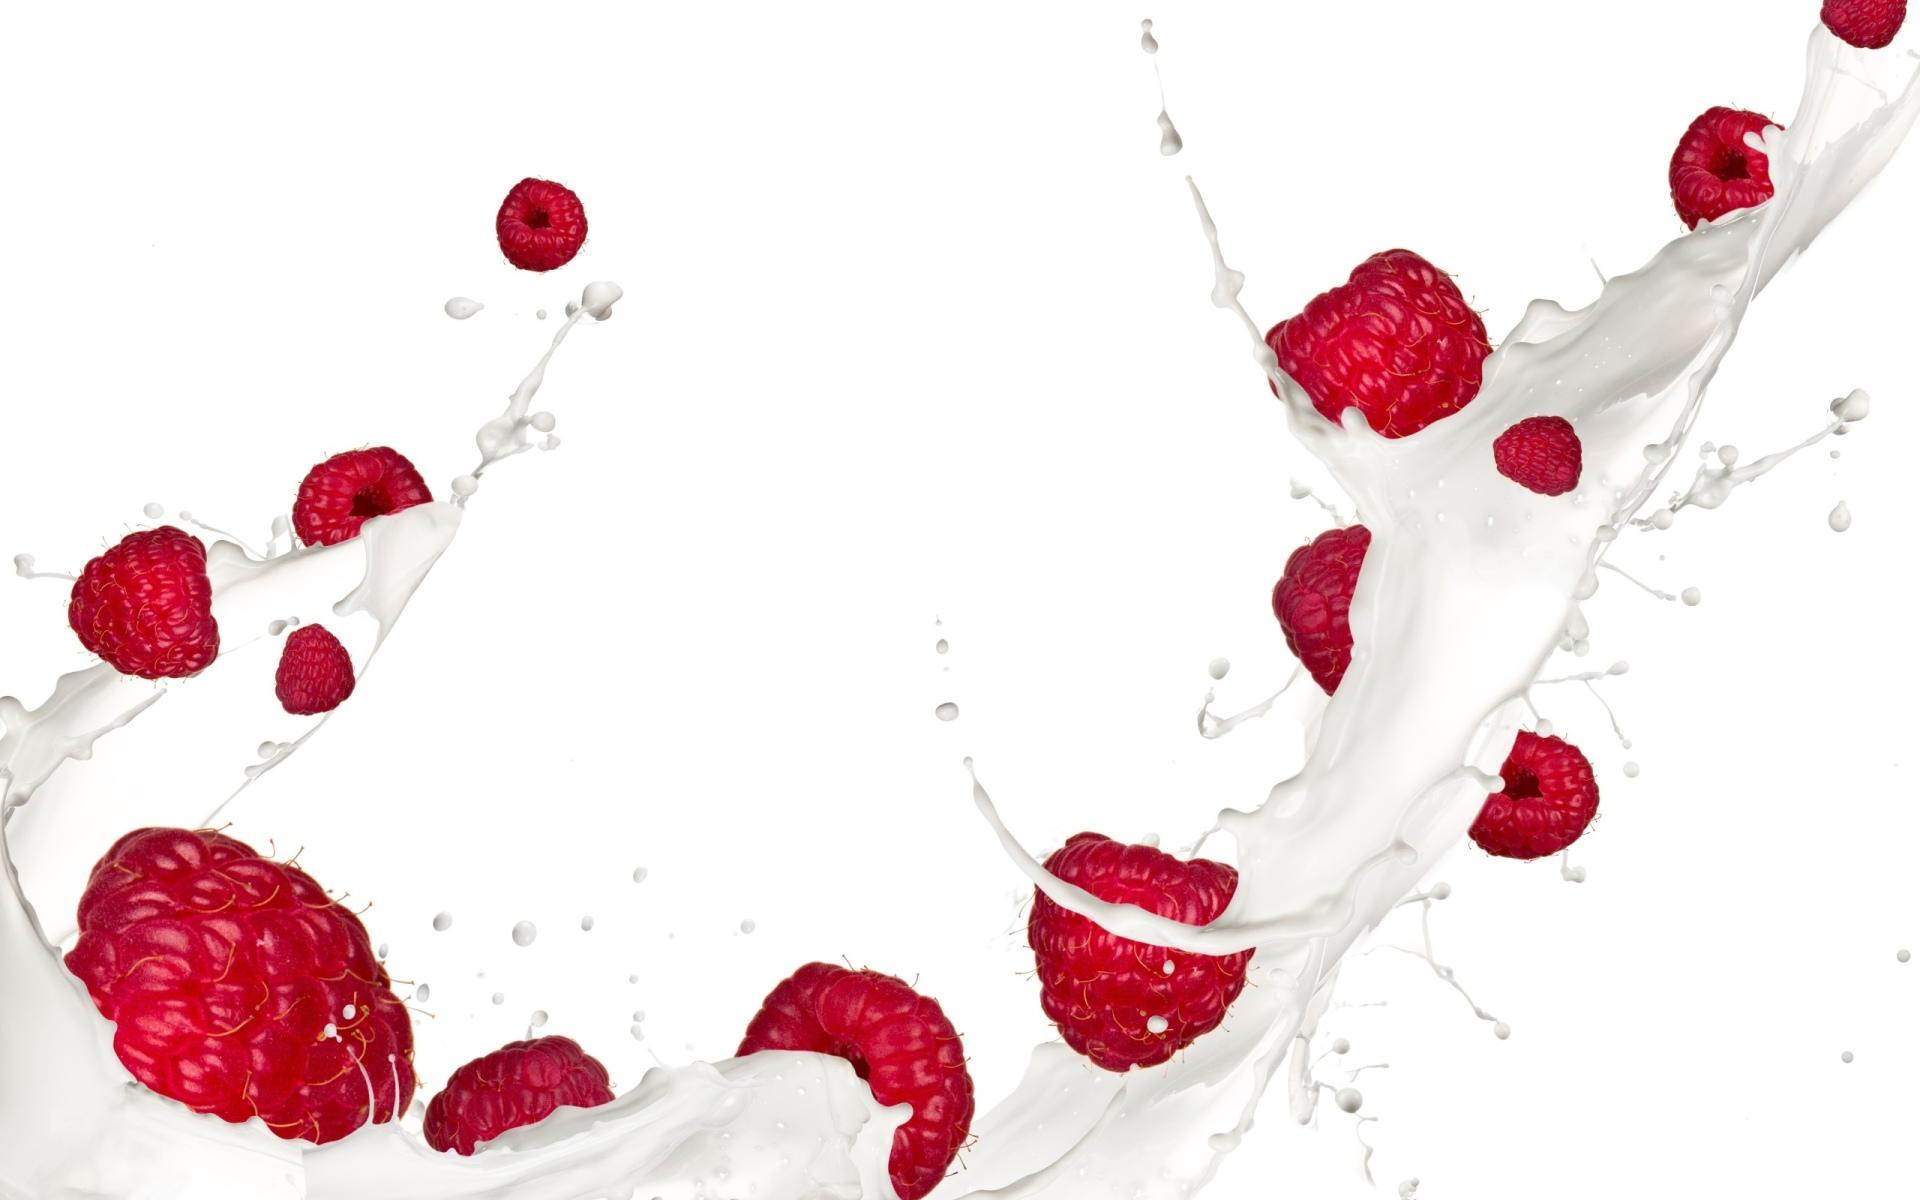 малина в молоке raspberry in milk бесплатно